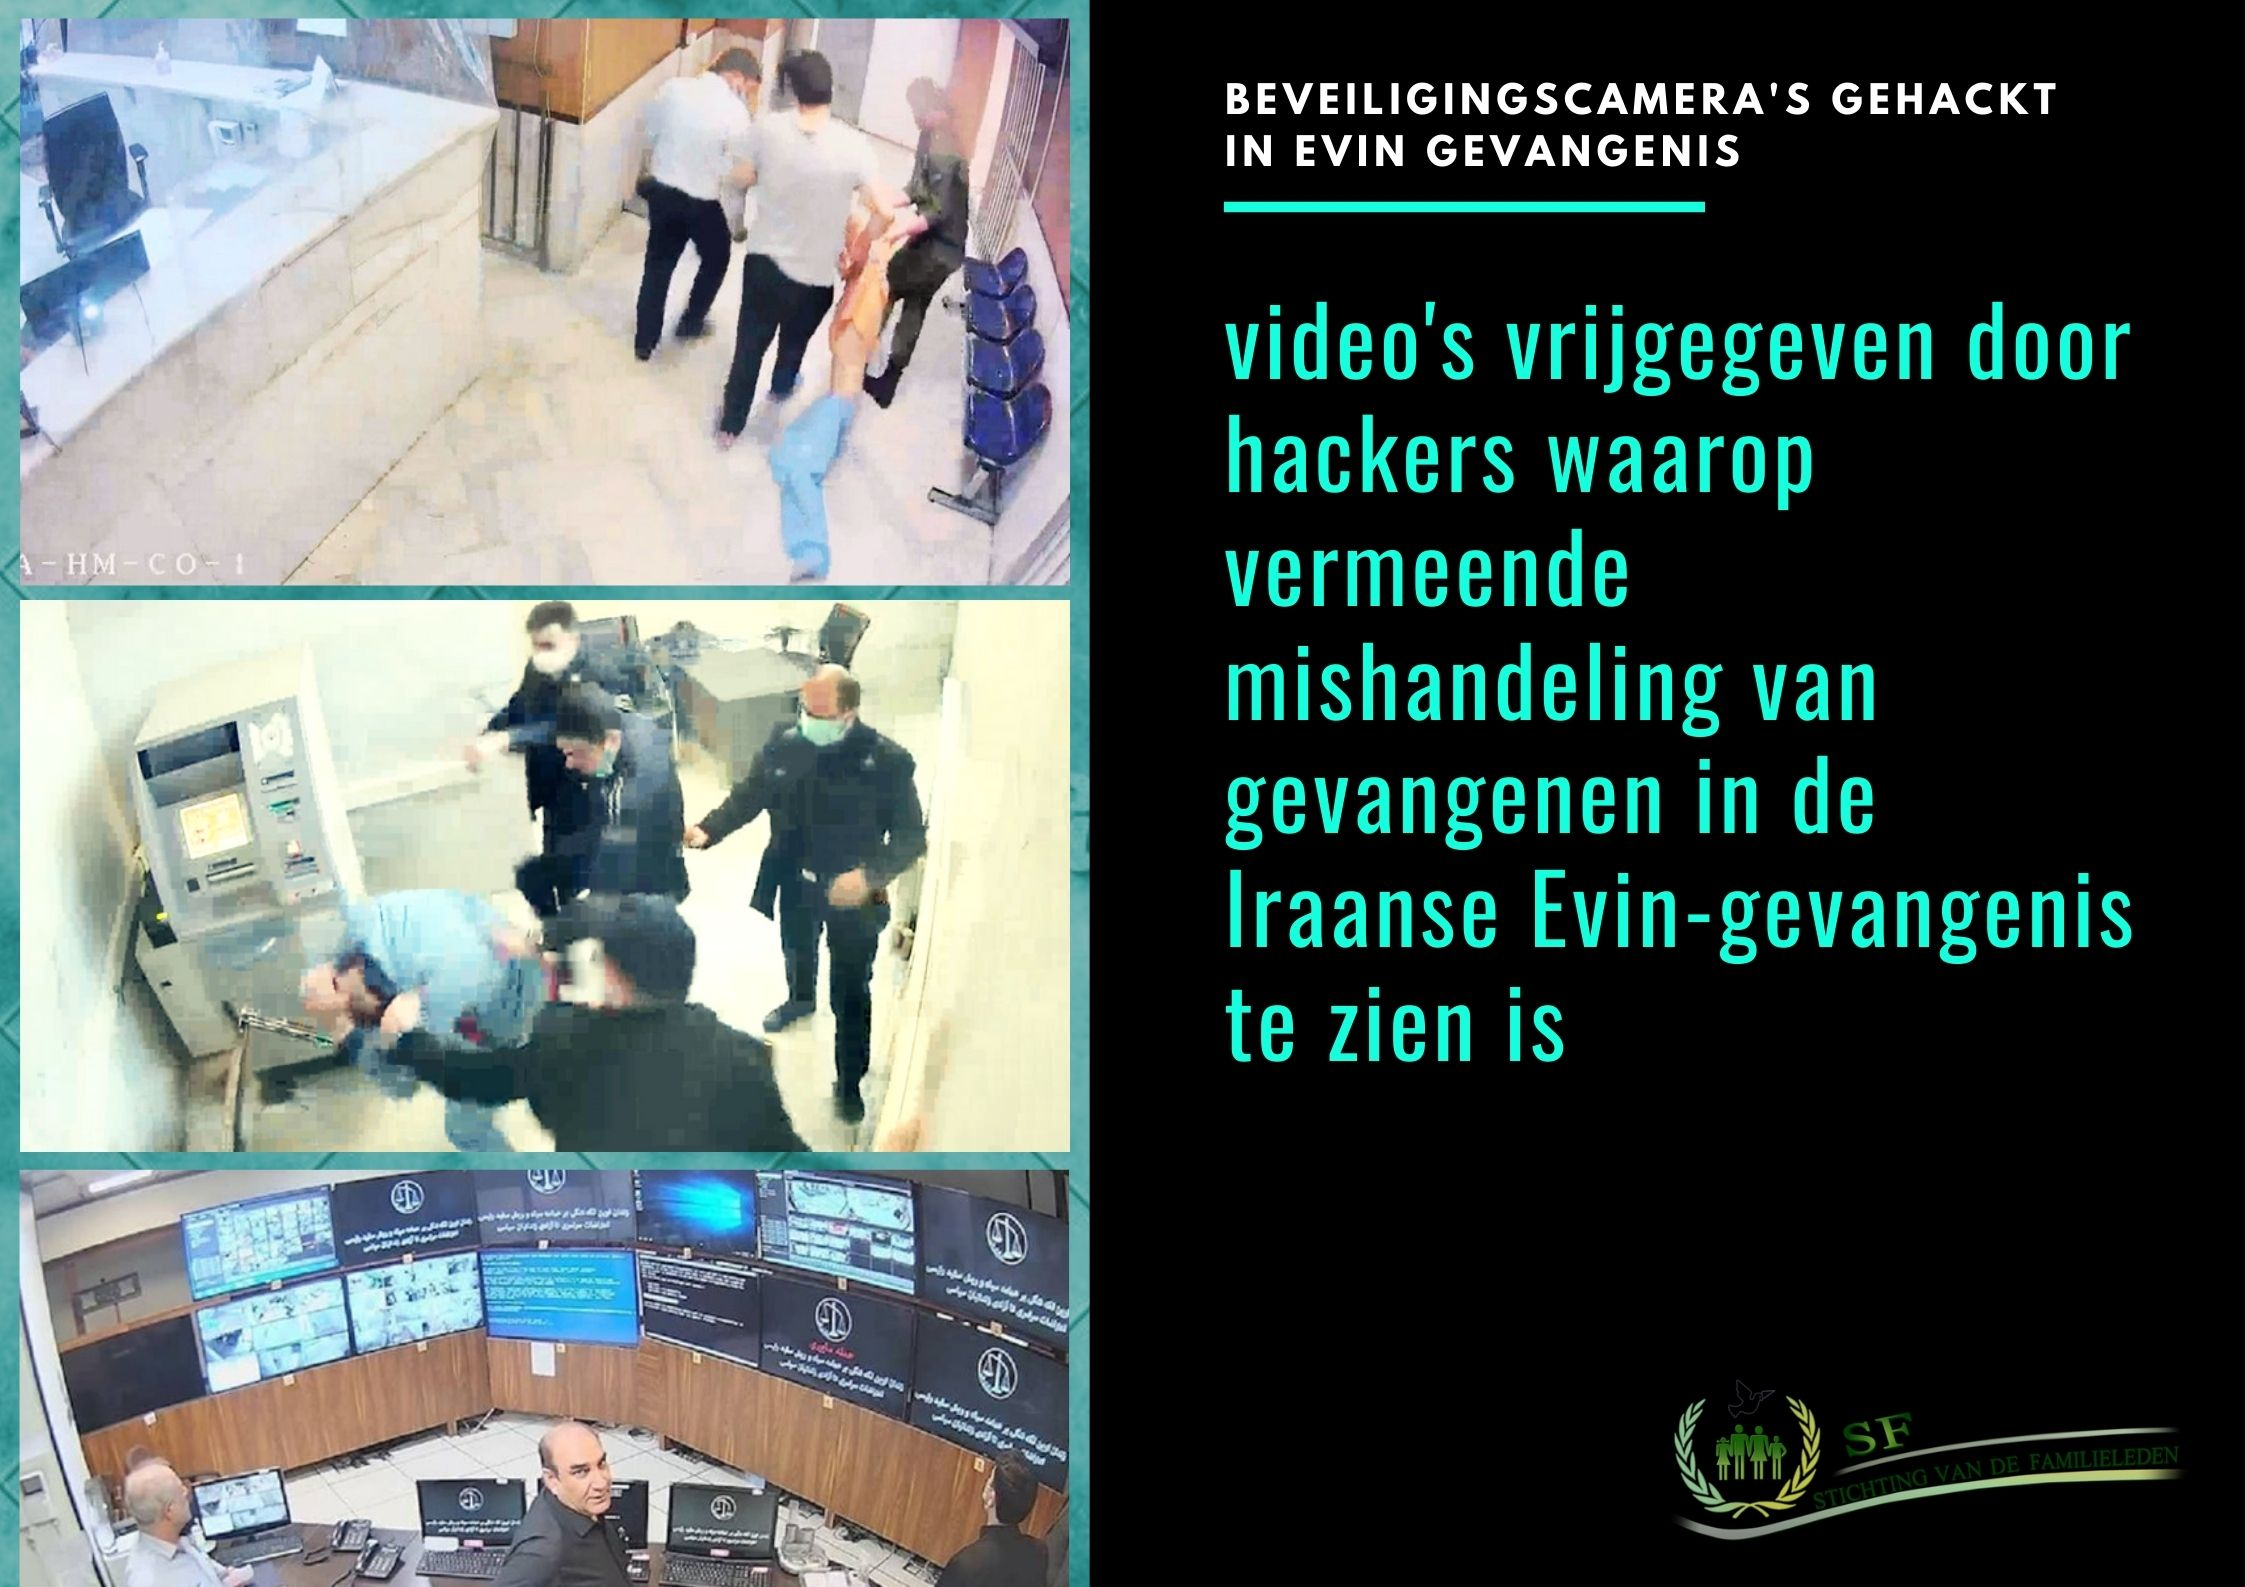 hacked security cameras-Evin prison